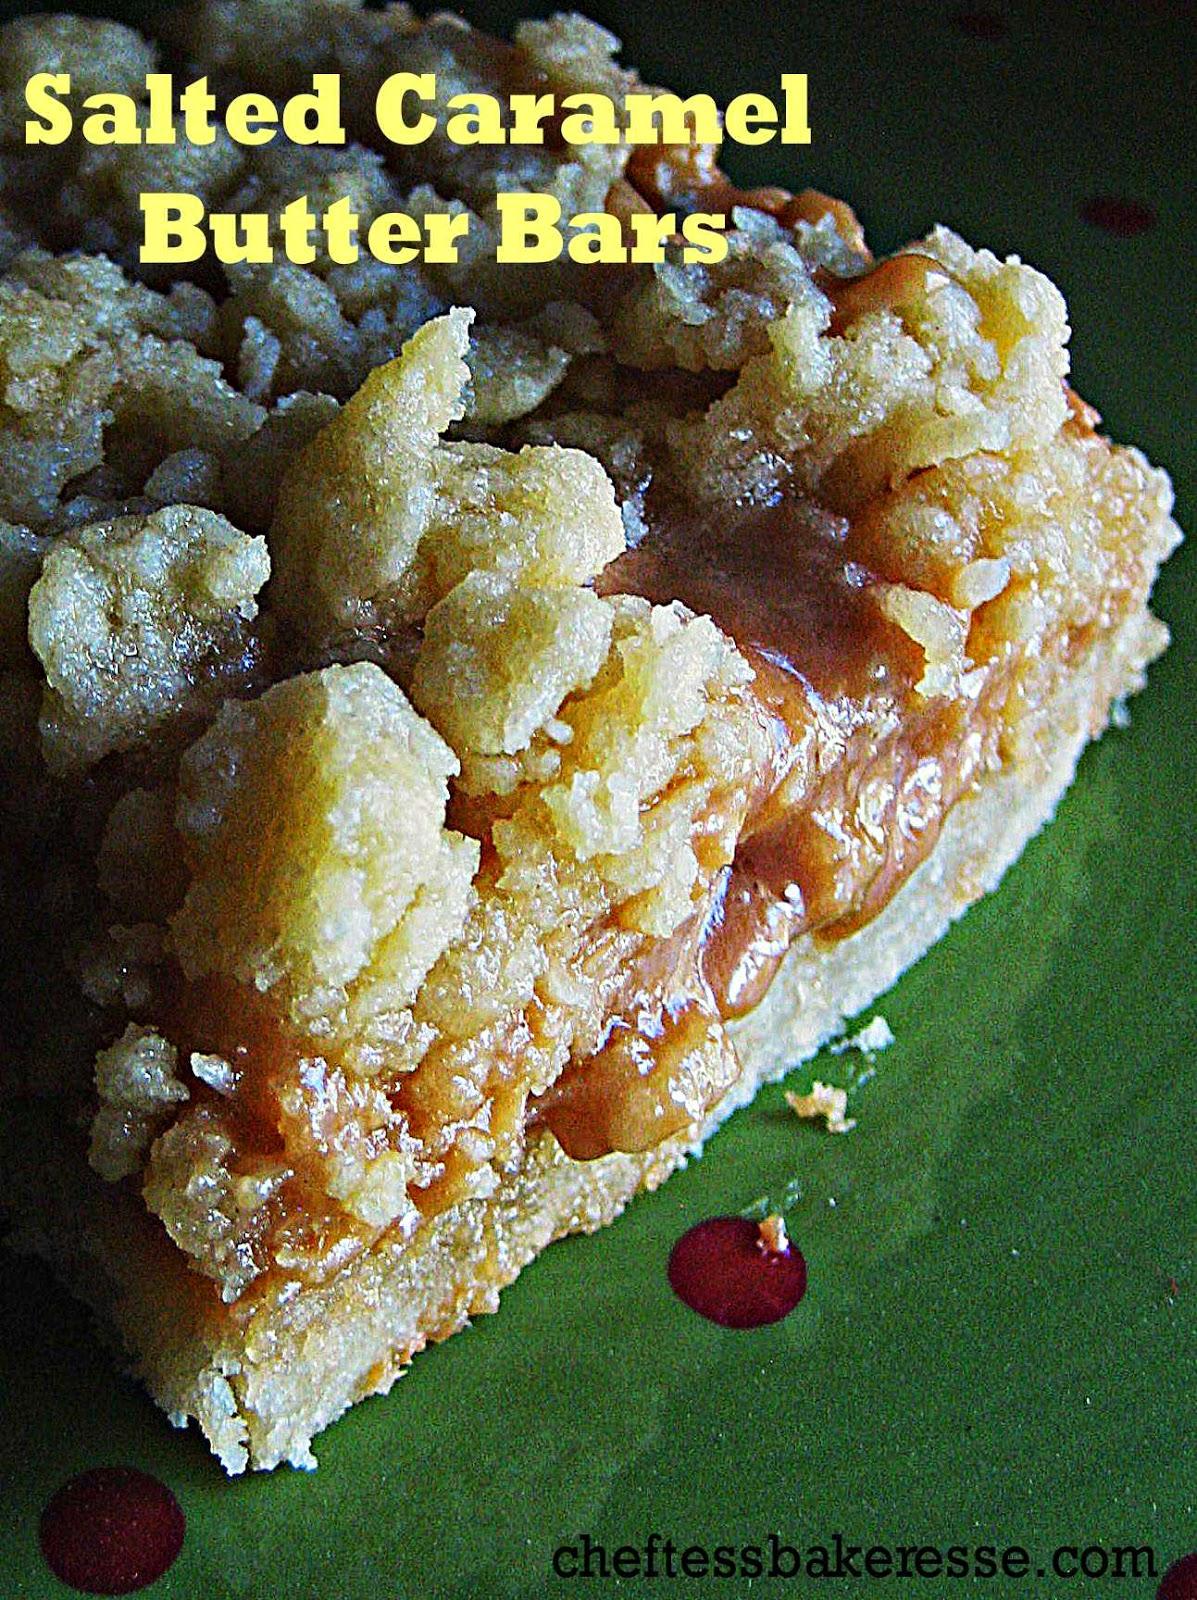 Chef Tess Bakeresse: Salted Caramel Butter Bars